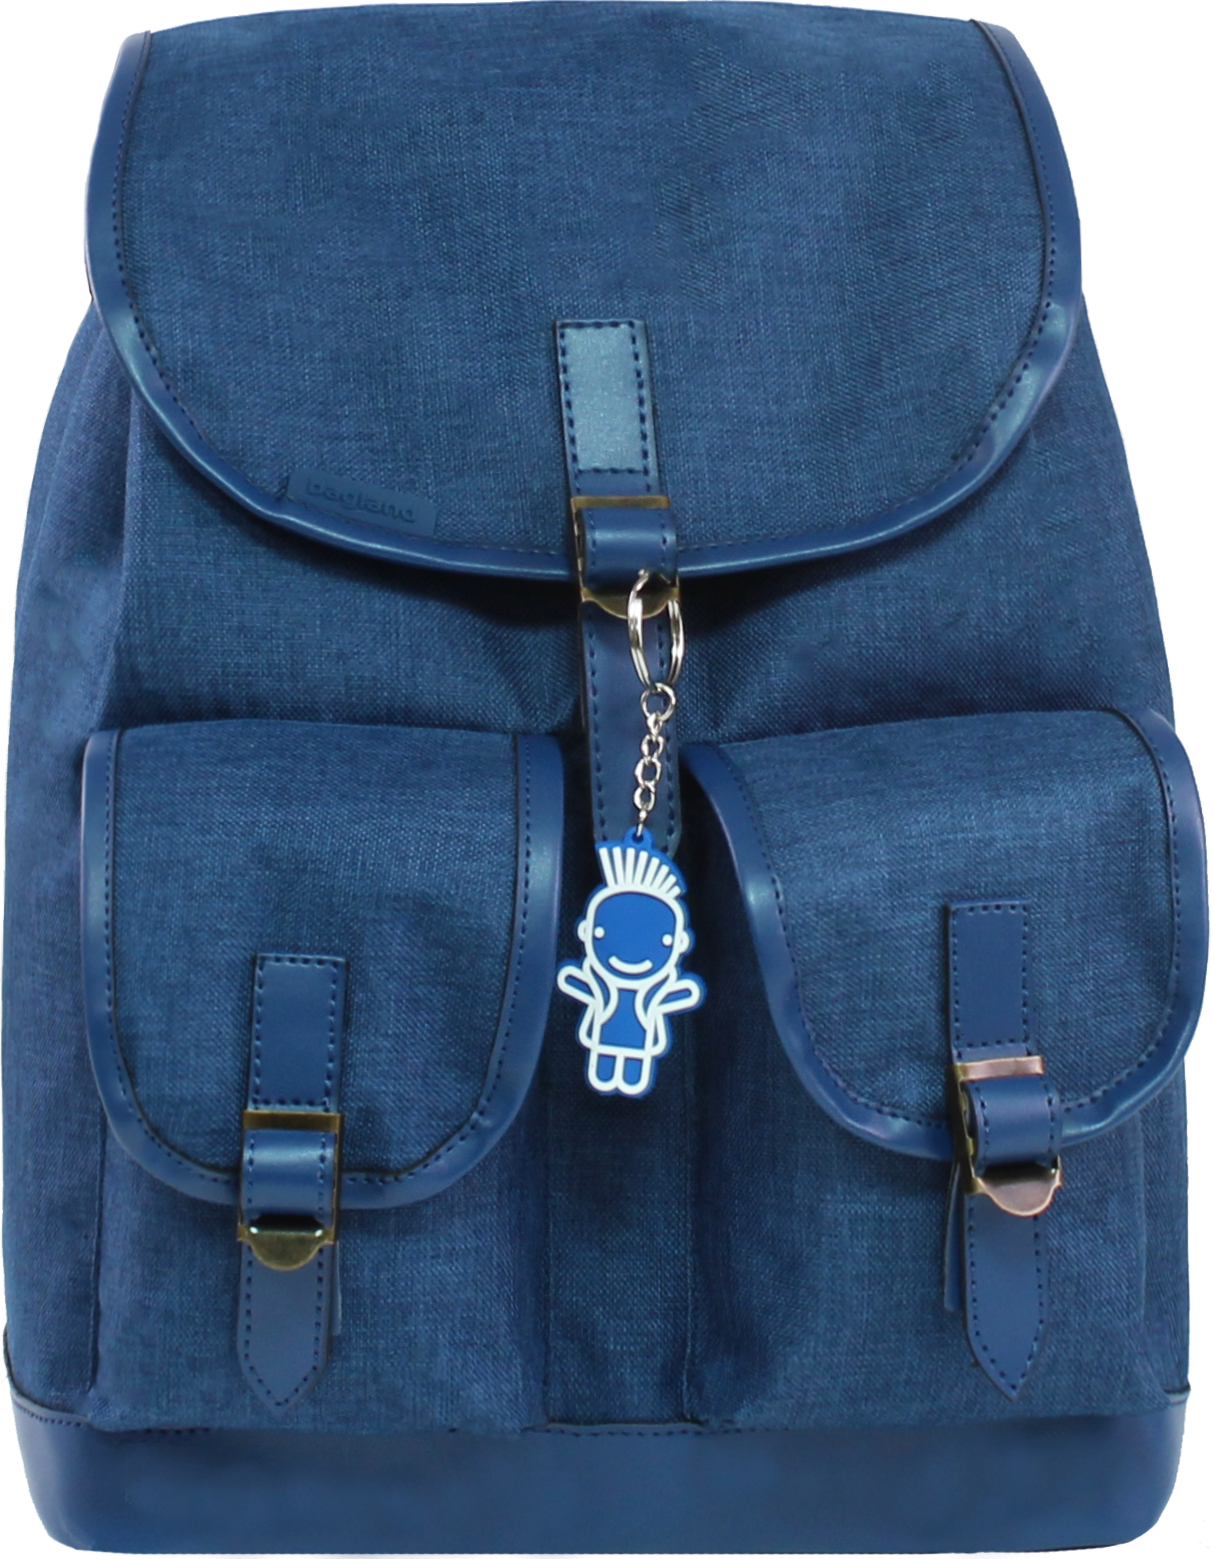 Городские рюкзаки Рюкзак Bagland Amy 16 л. 225 синий (0013069) IMG_7432.JPG